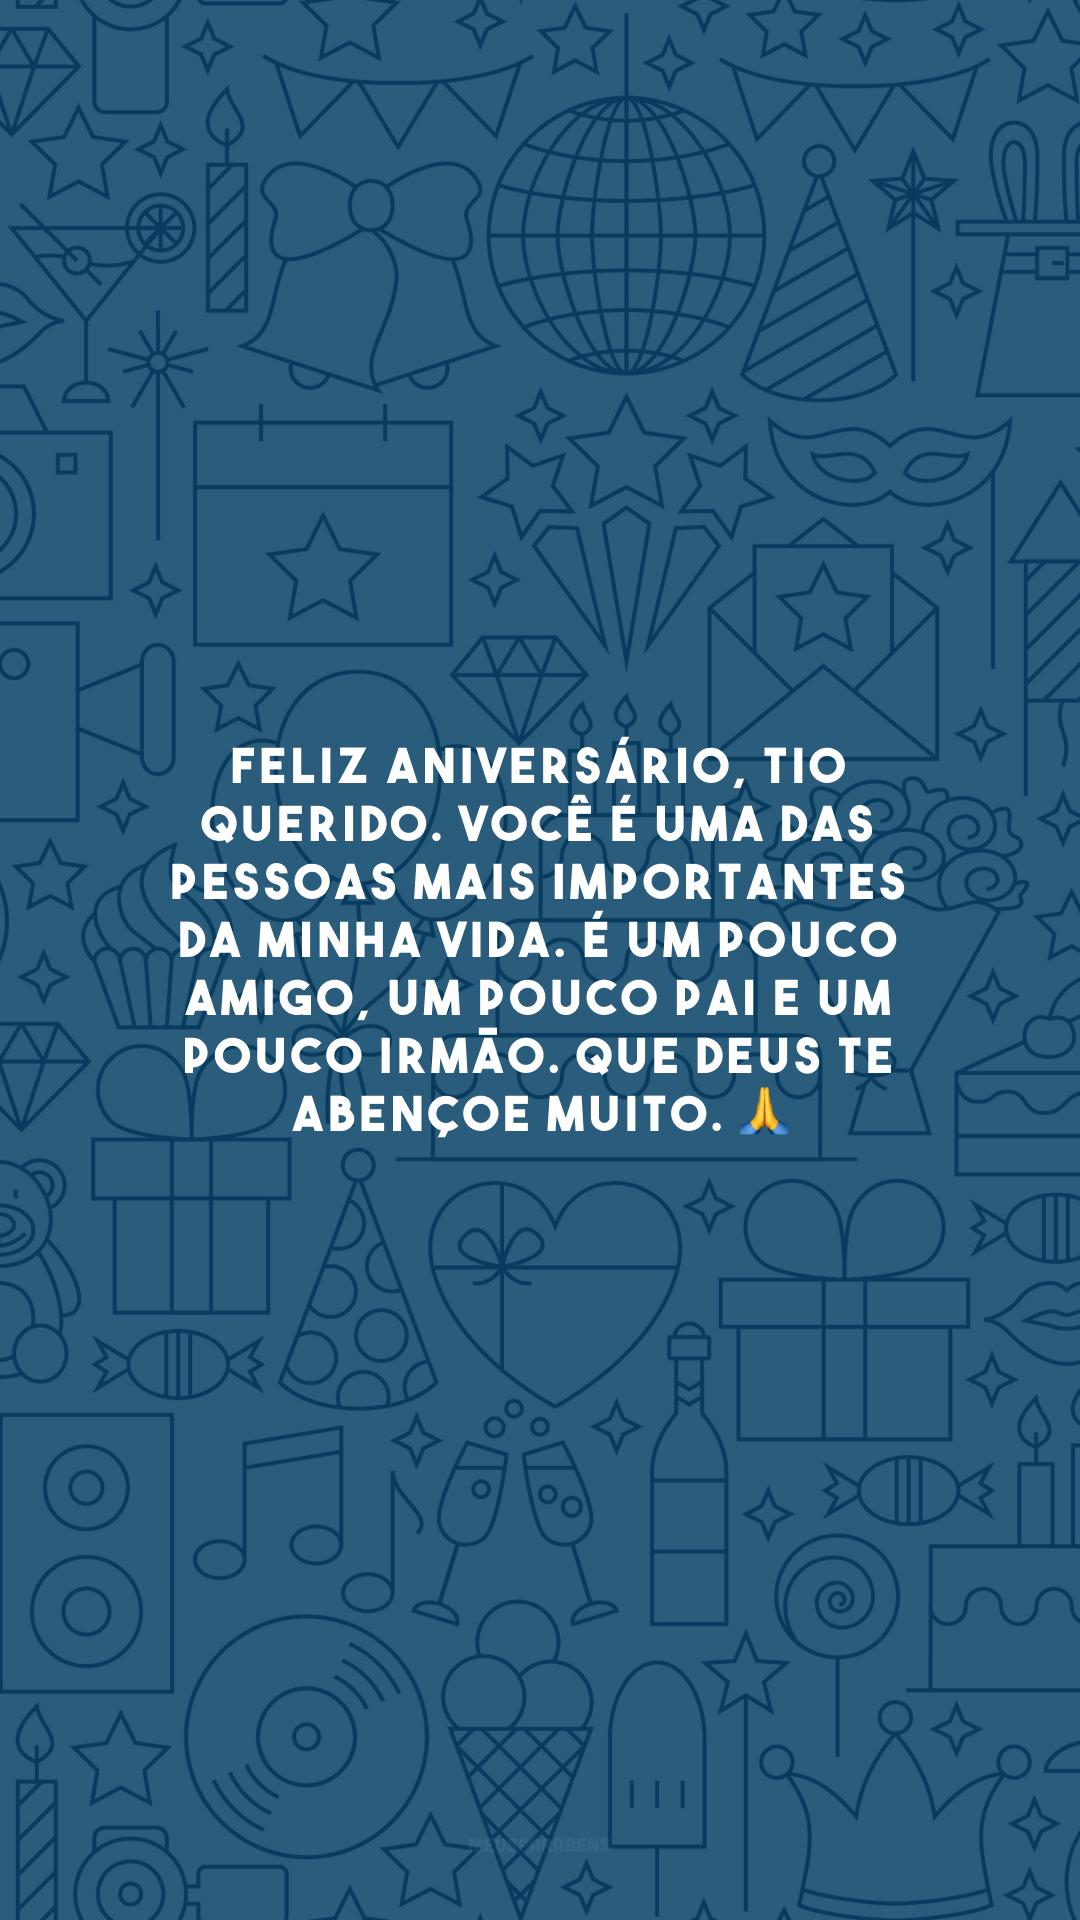 Feliz aniversário, tio querido. Você é uma das pessoas mais importantes da minha vida. É um pouco amigo, um pouco pai e um pouco irmão. Que Deus te abençoe muito. 🙏